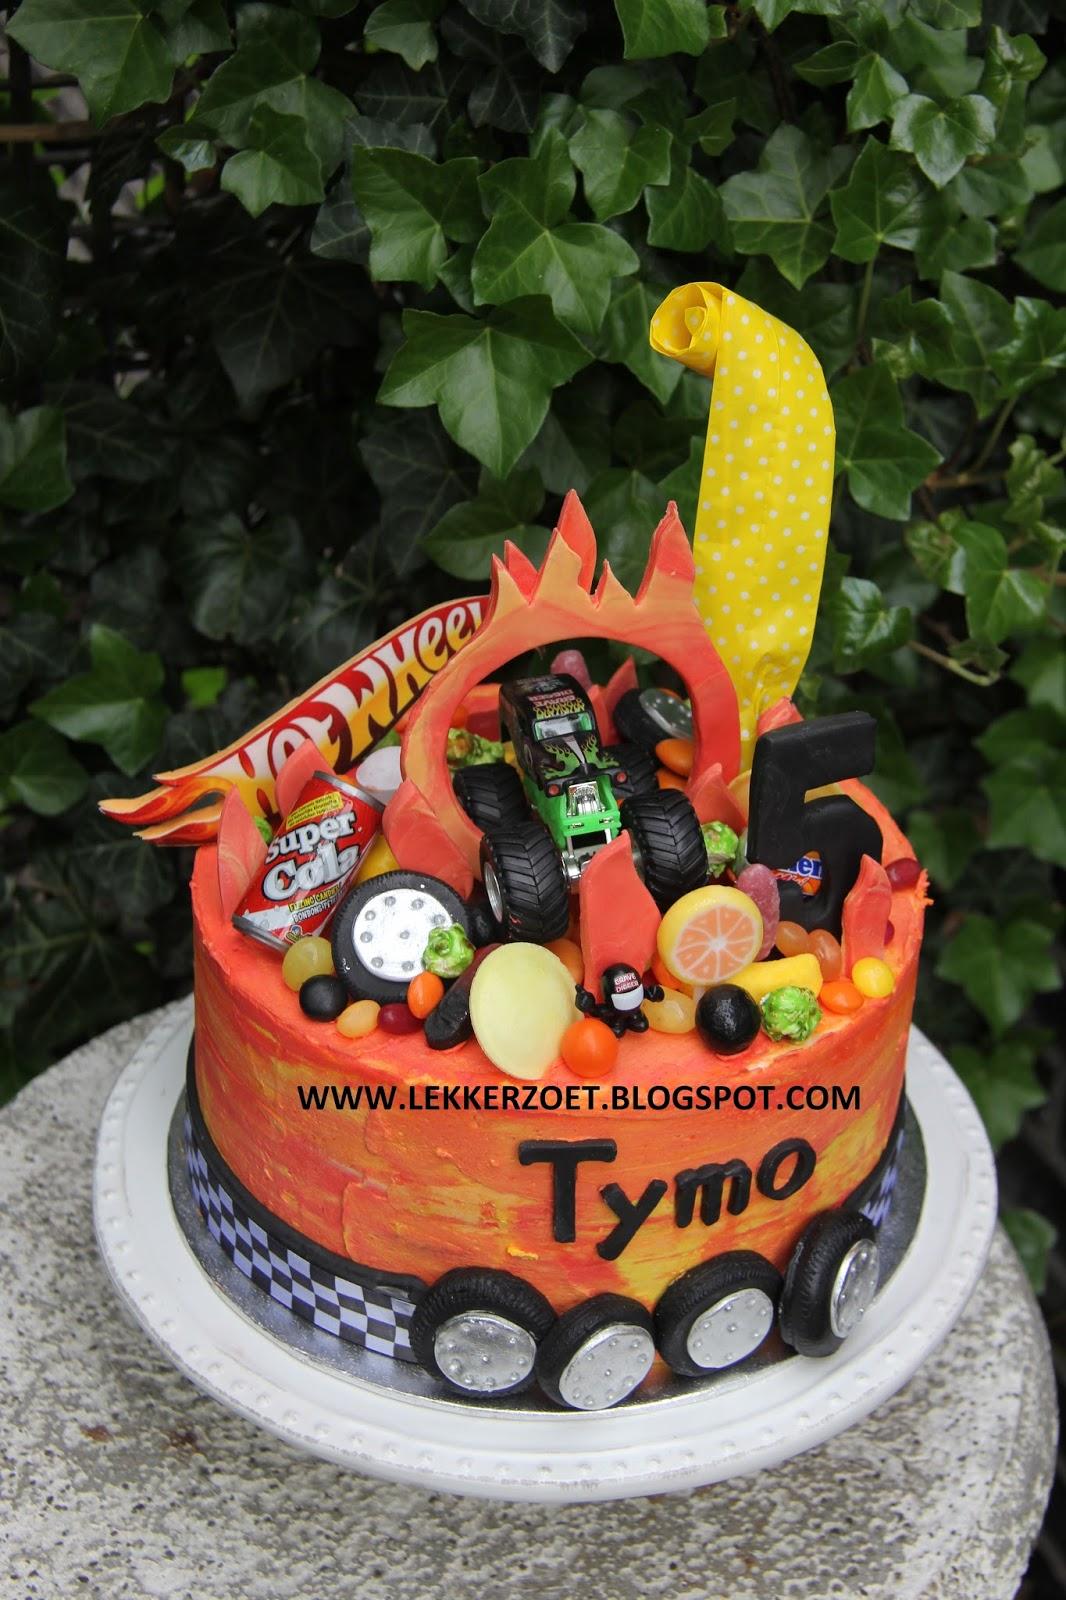 Super lekker zoet: Hot Wheels voor Tymo #LK72